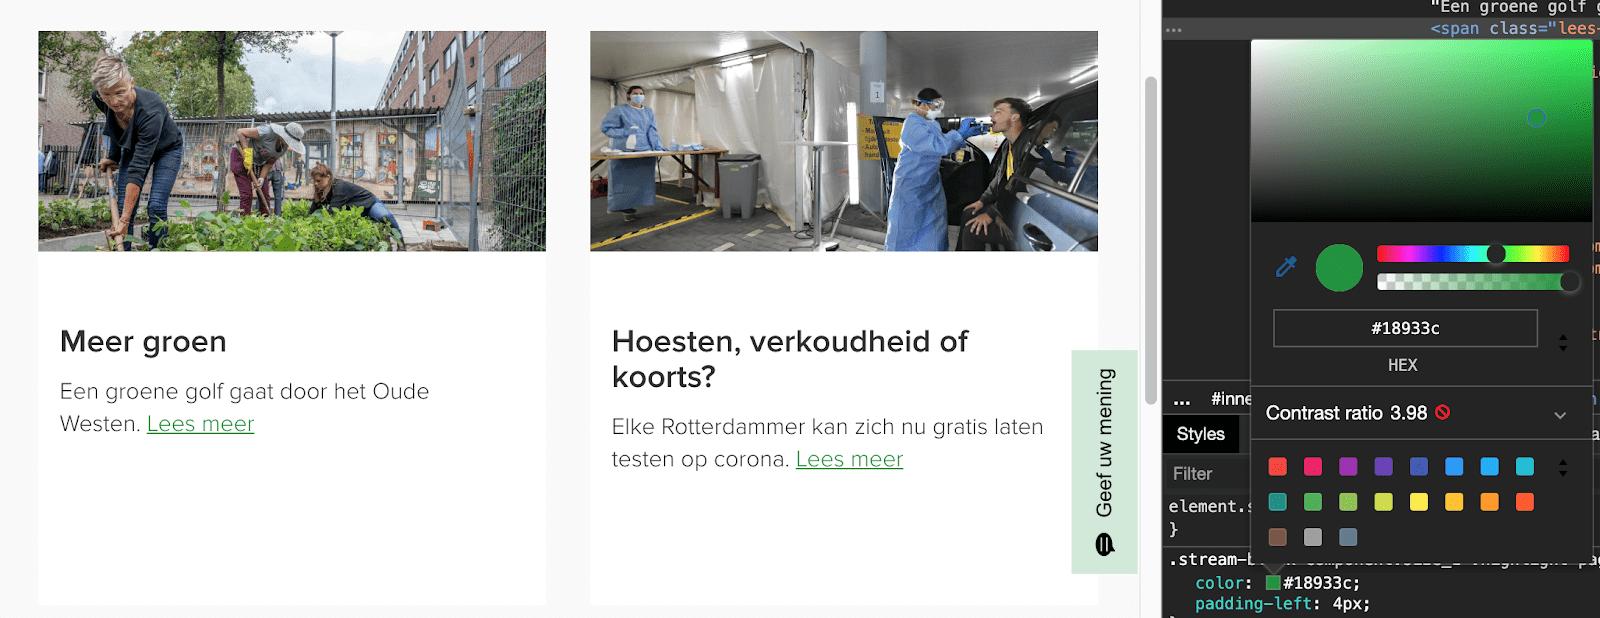 De contrast ratio van de tekst 'Lees meer' op Rotterdam.nl is niet voldoende.